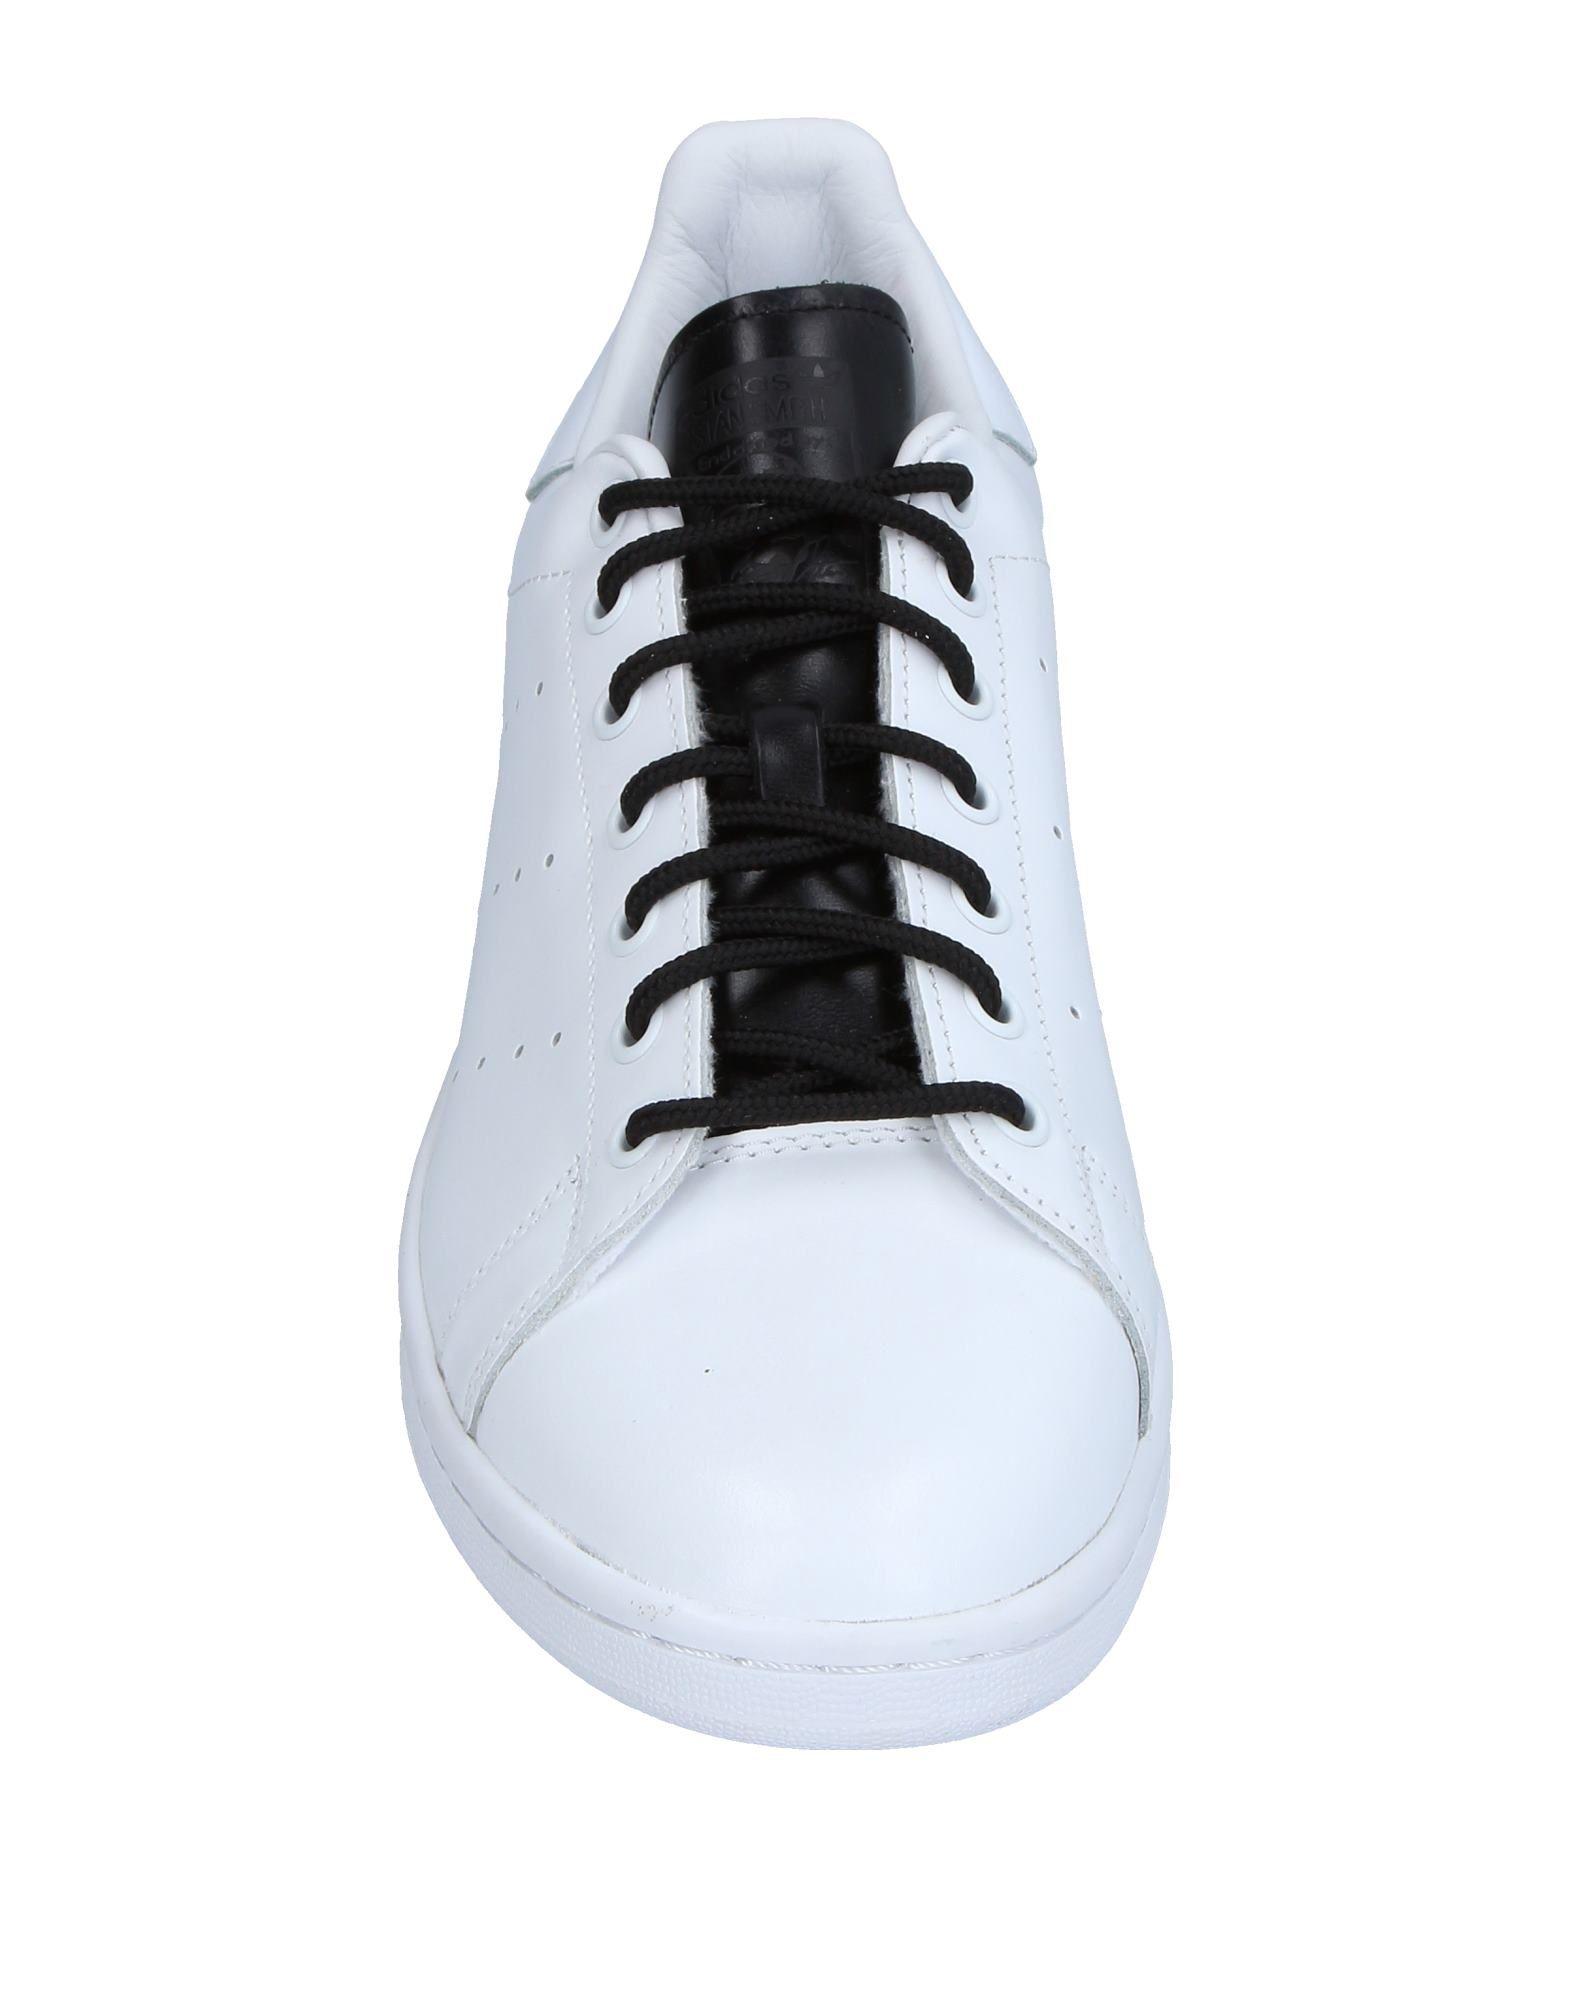 Rabatt echte Sneakers Schuhe Adidas Originals Sneakers echte Herren  11259715KB e2402d